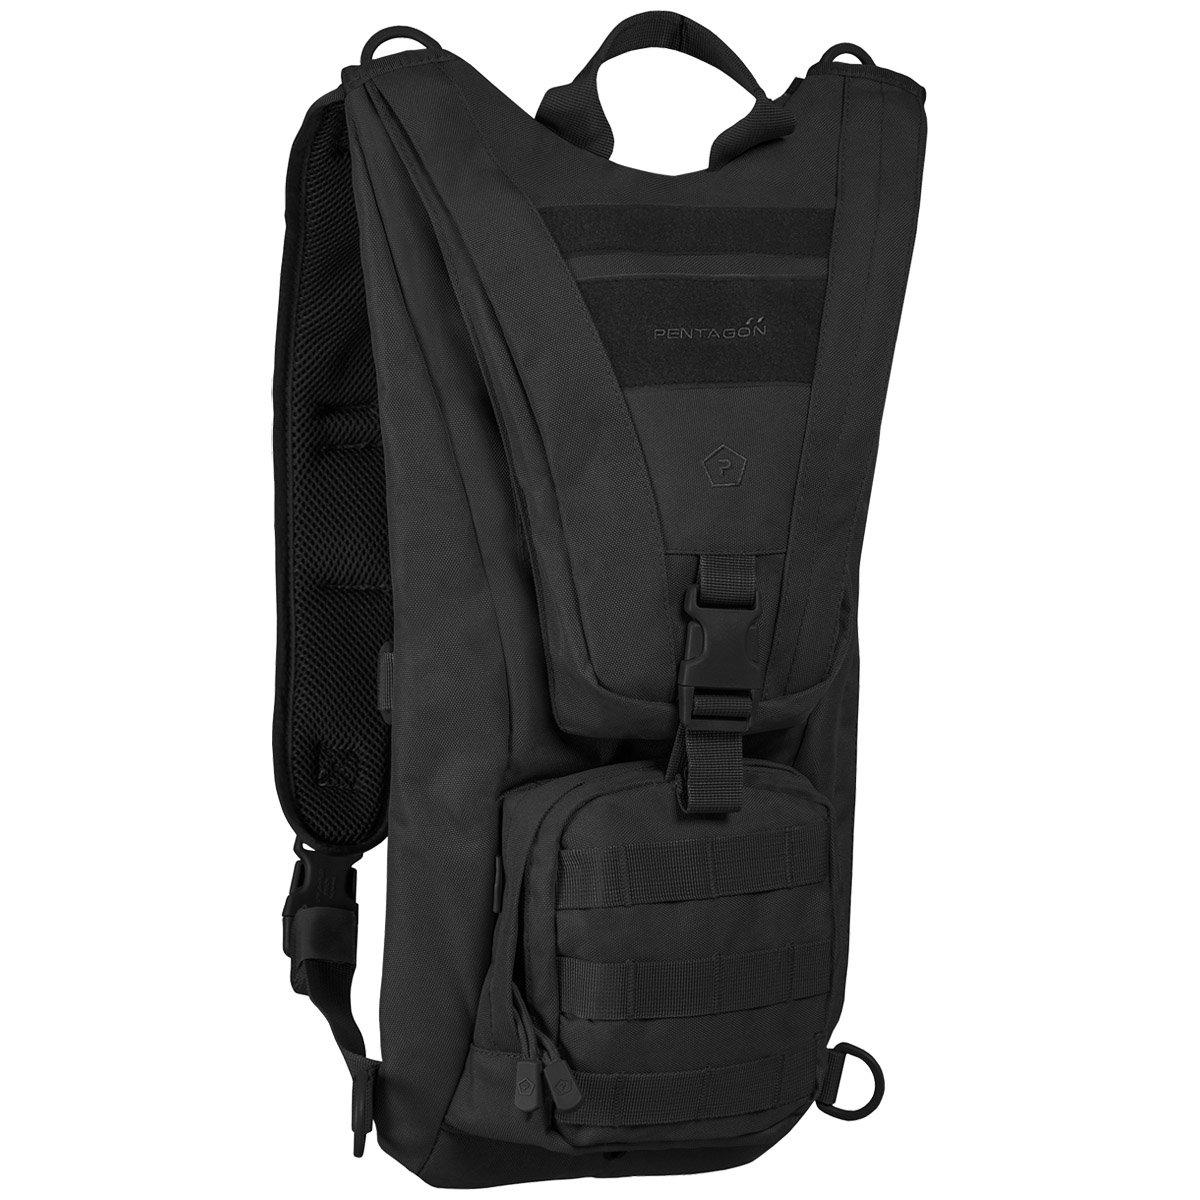 Pentagon Hydration 2.0 Backpack Black